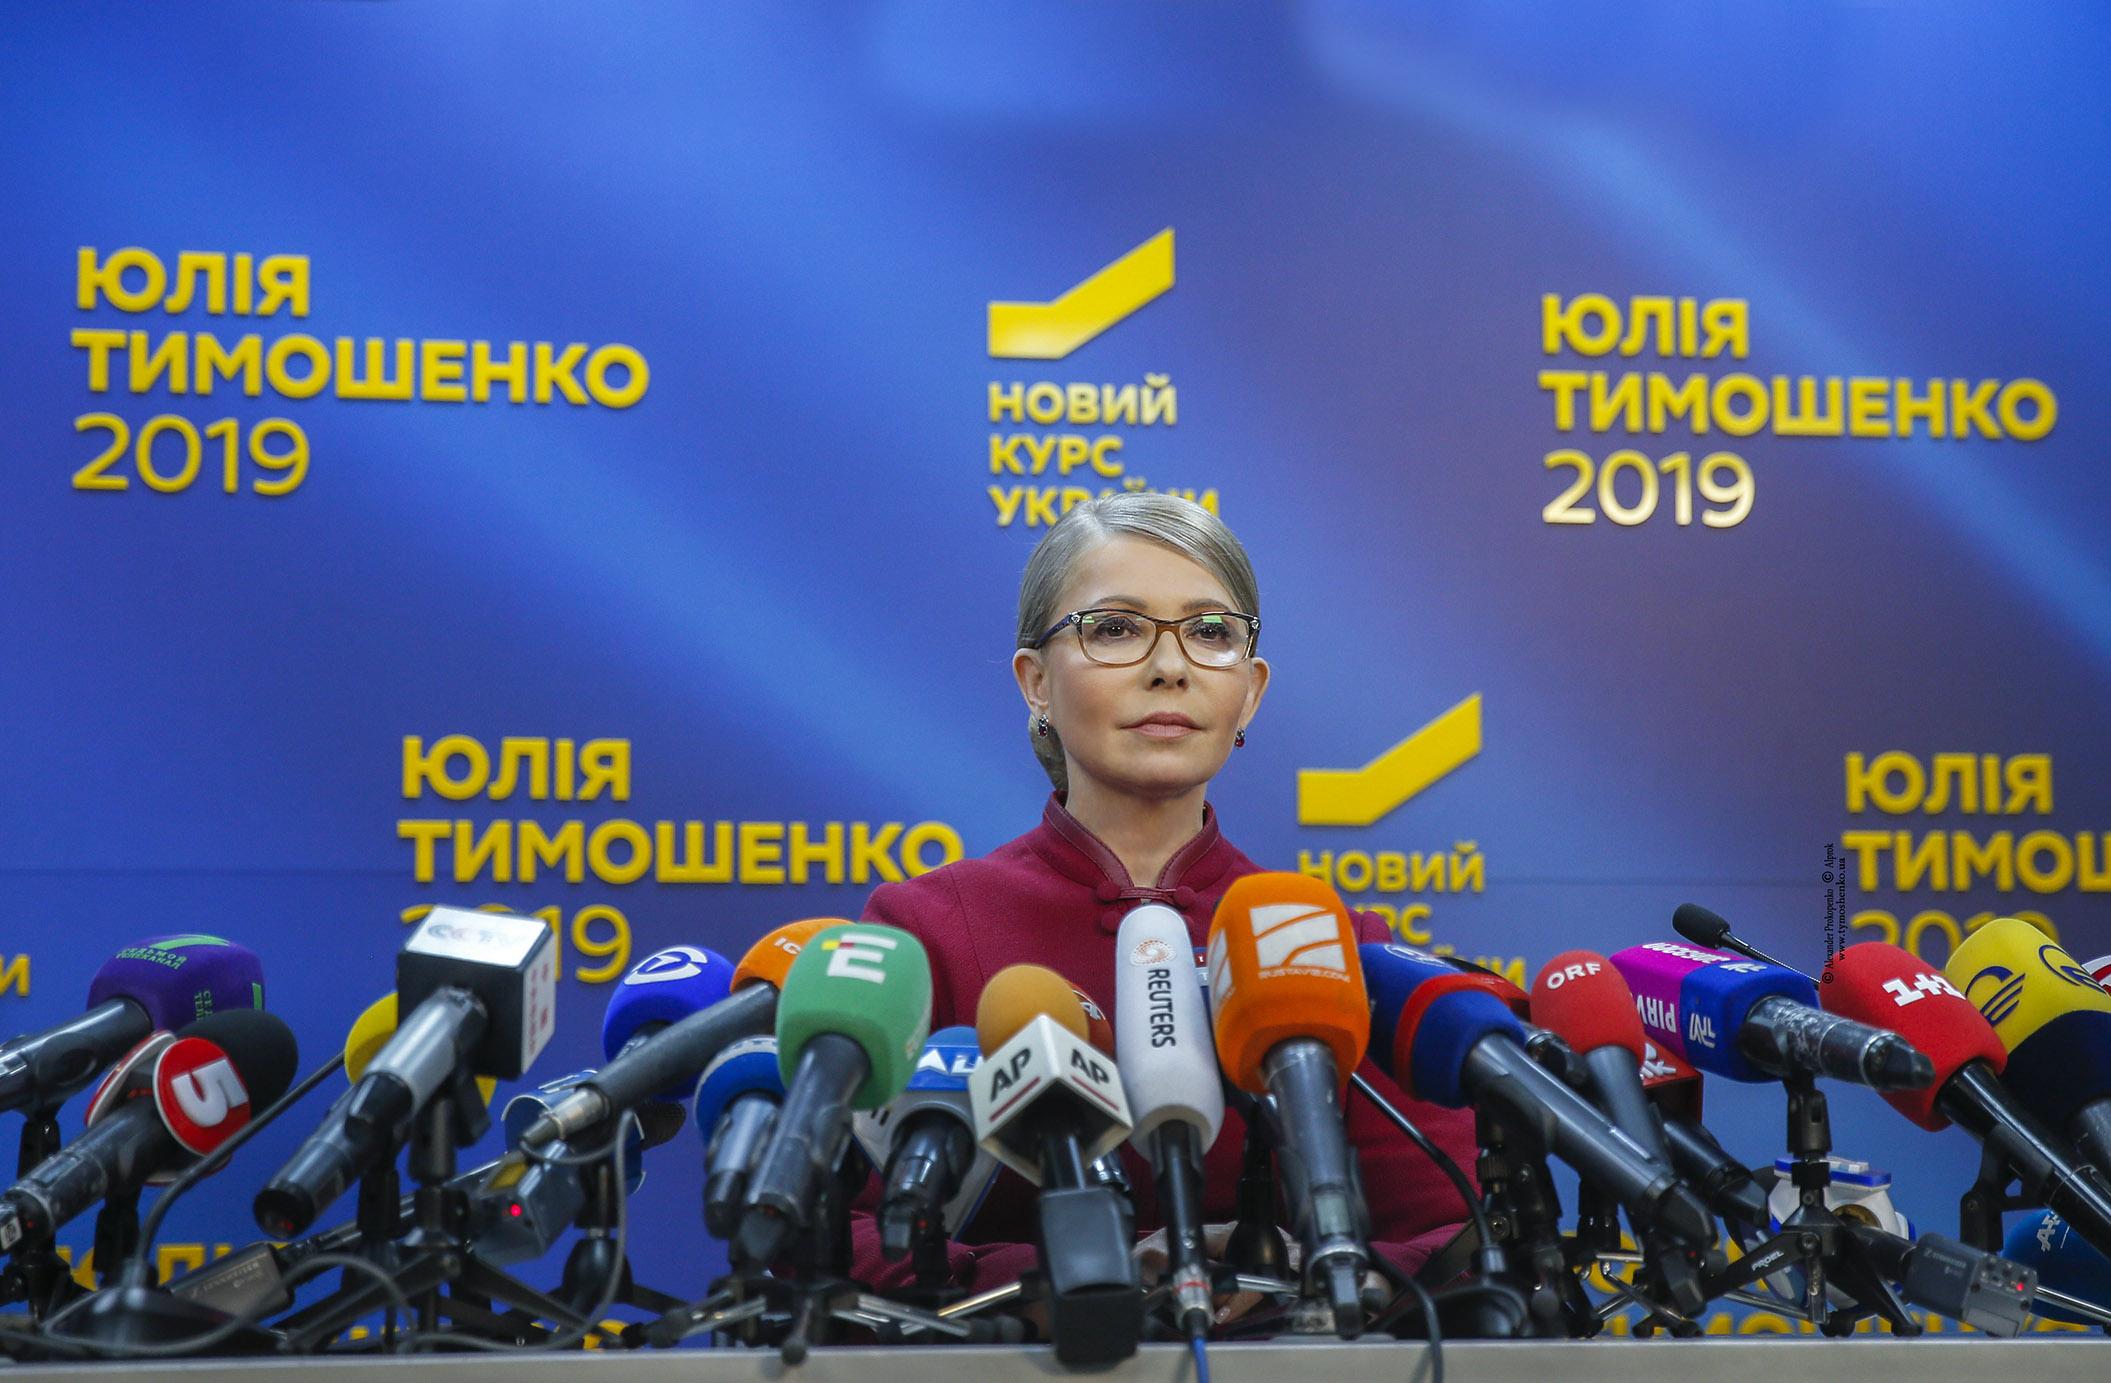 Юлія Тимошенко: Наша боротьба за демократичну Україну не завершена (ВІДЕО)